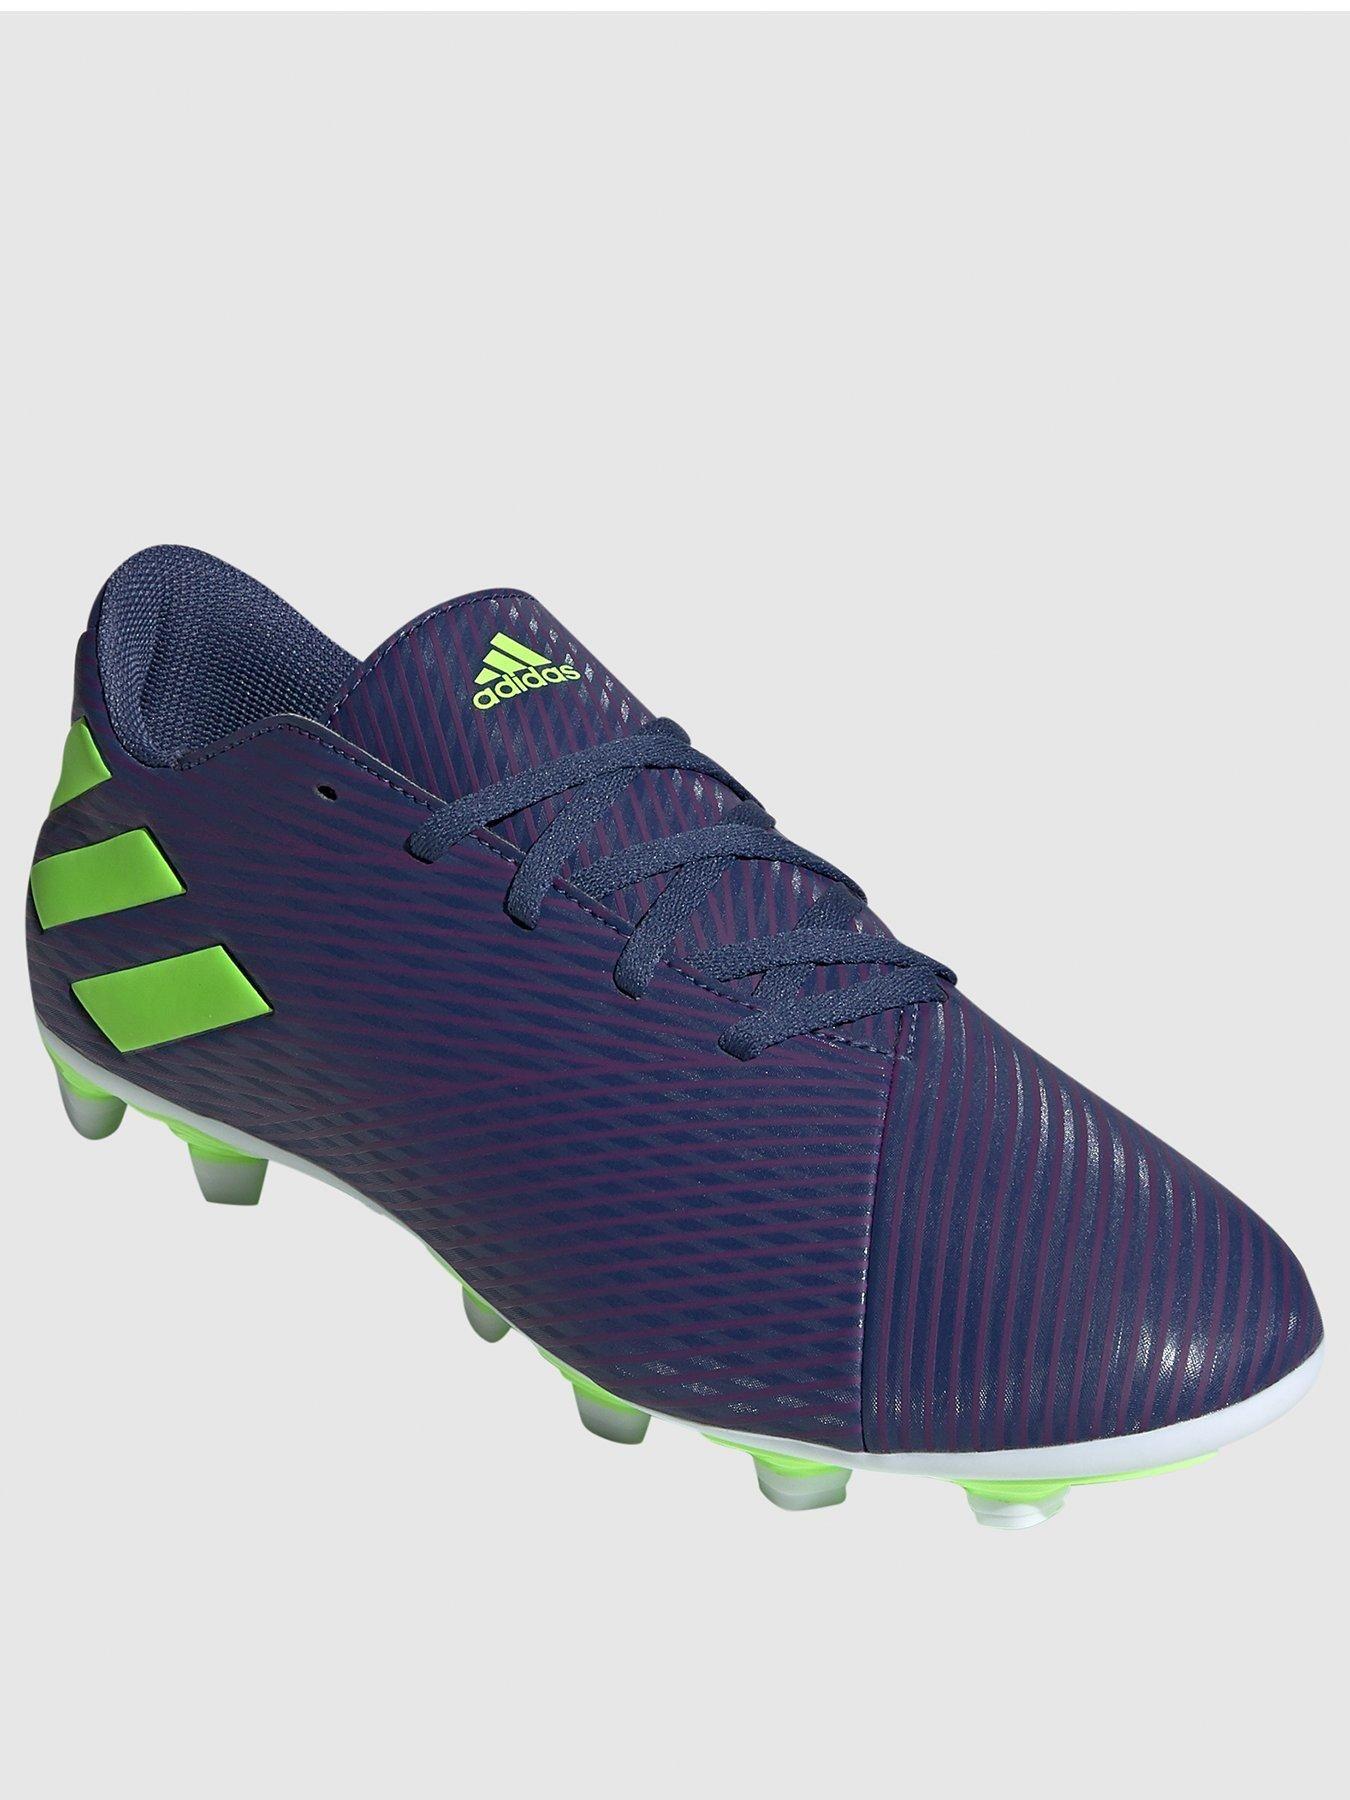 Messi Nemeziz 19 4 Firm Ground Football Boots Indigo In 2020 Football Boots Messi Football Shoes Boots